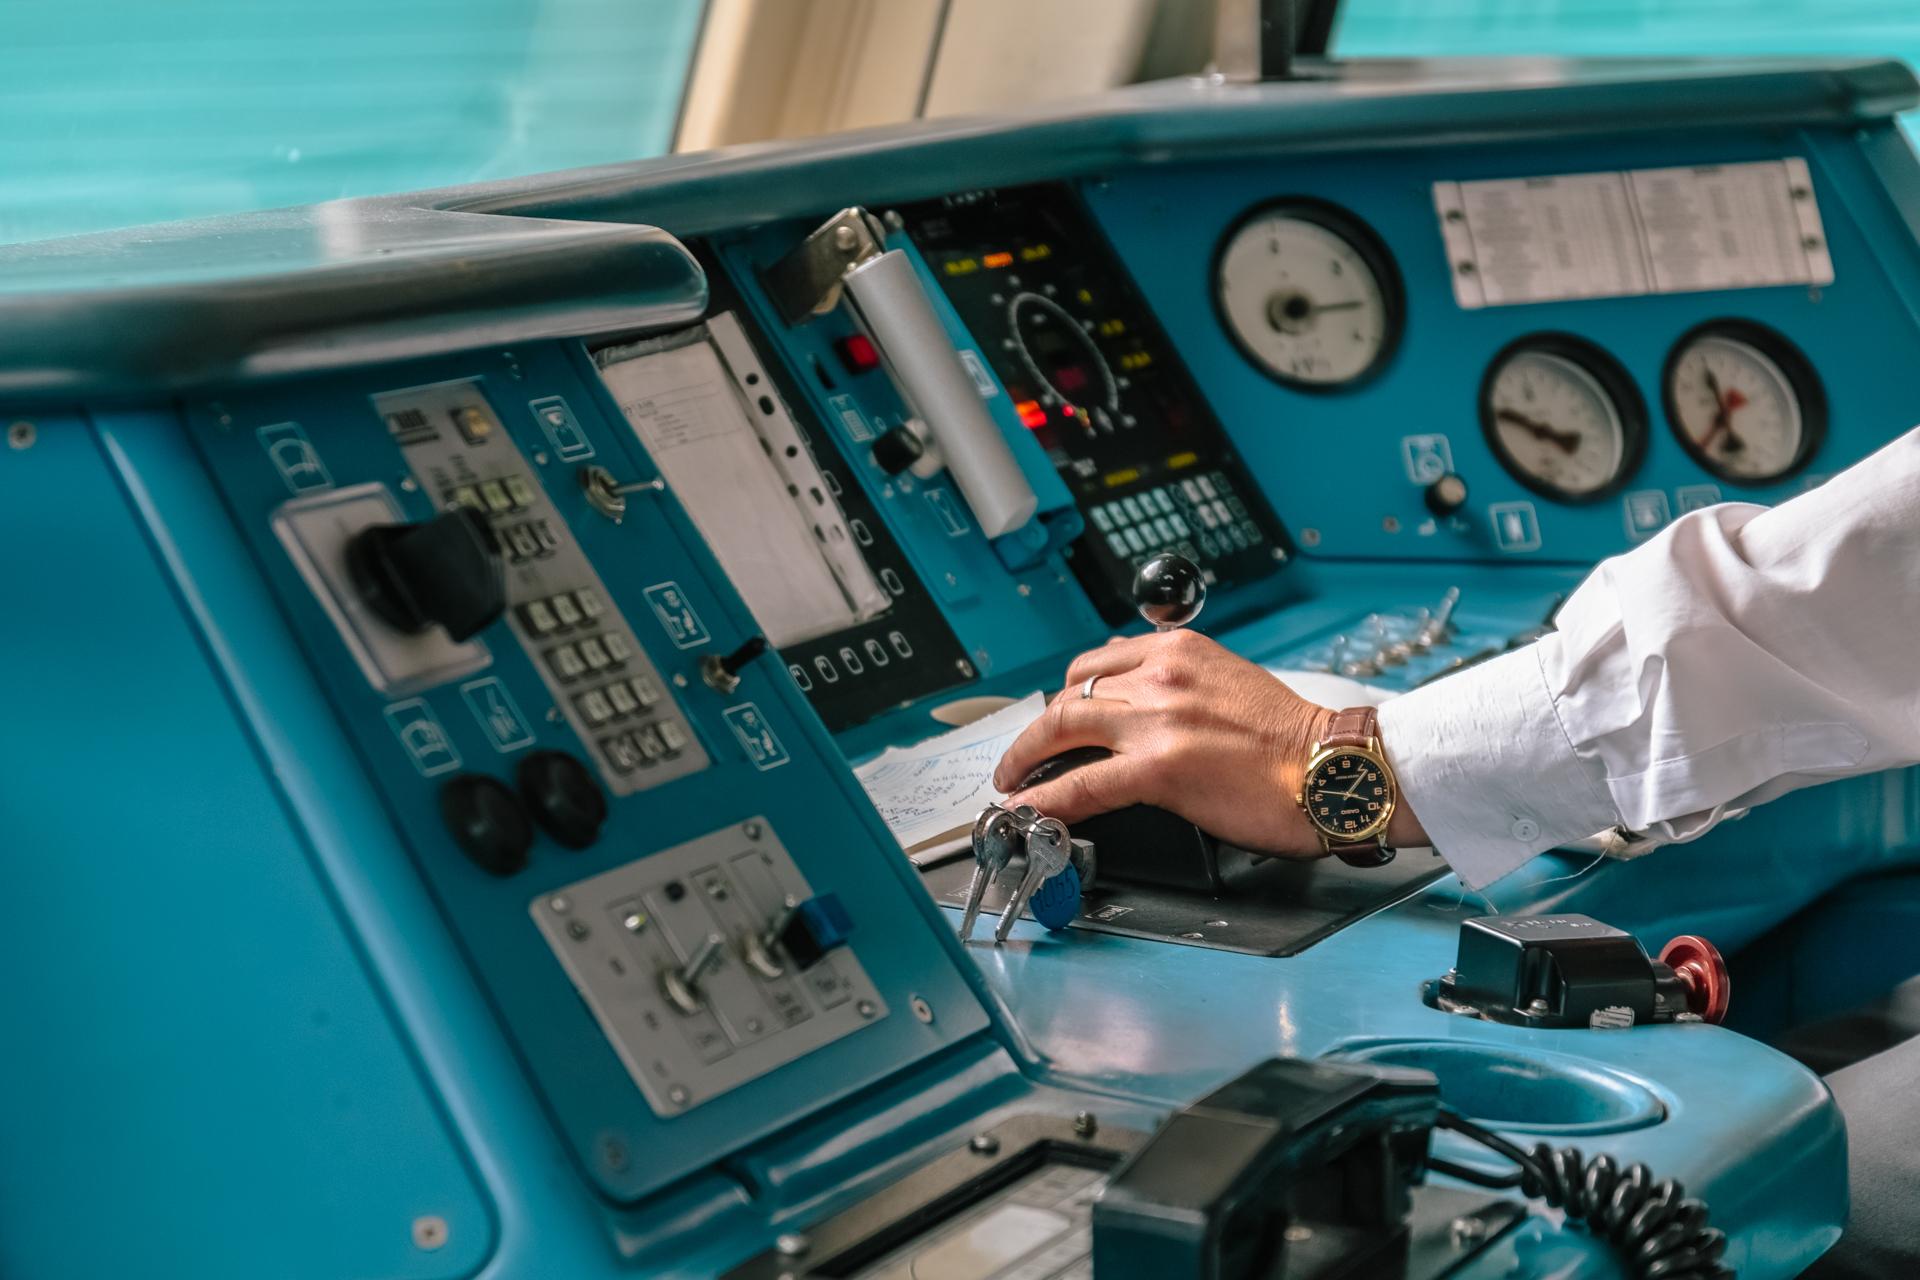 Чтобы стать профессионалом в деле, надо владеть знаниями по устройству кабины электровоза, дорожным знакам